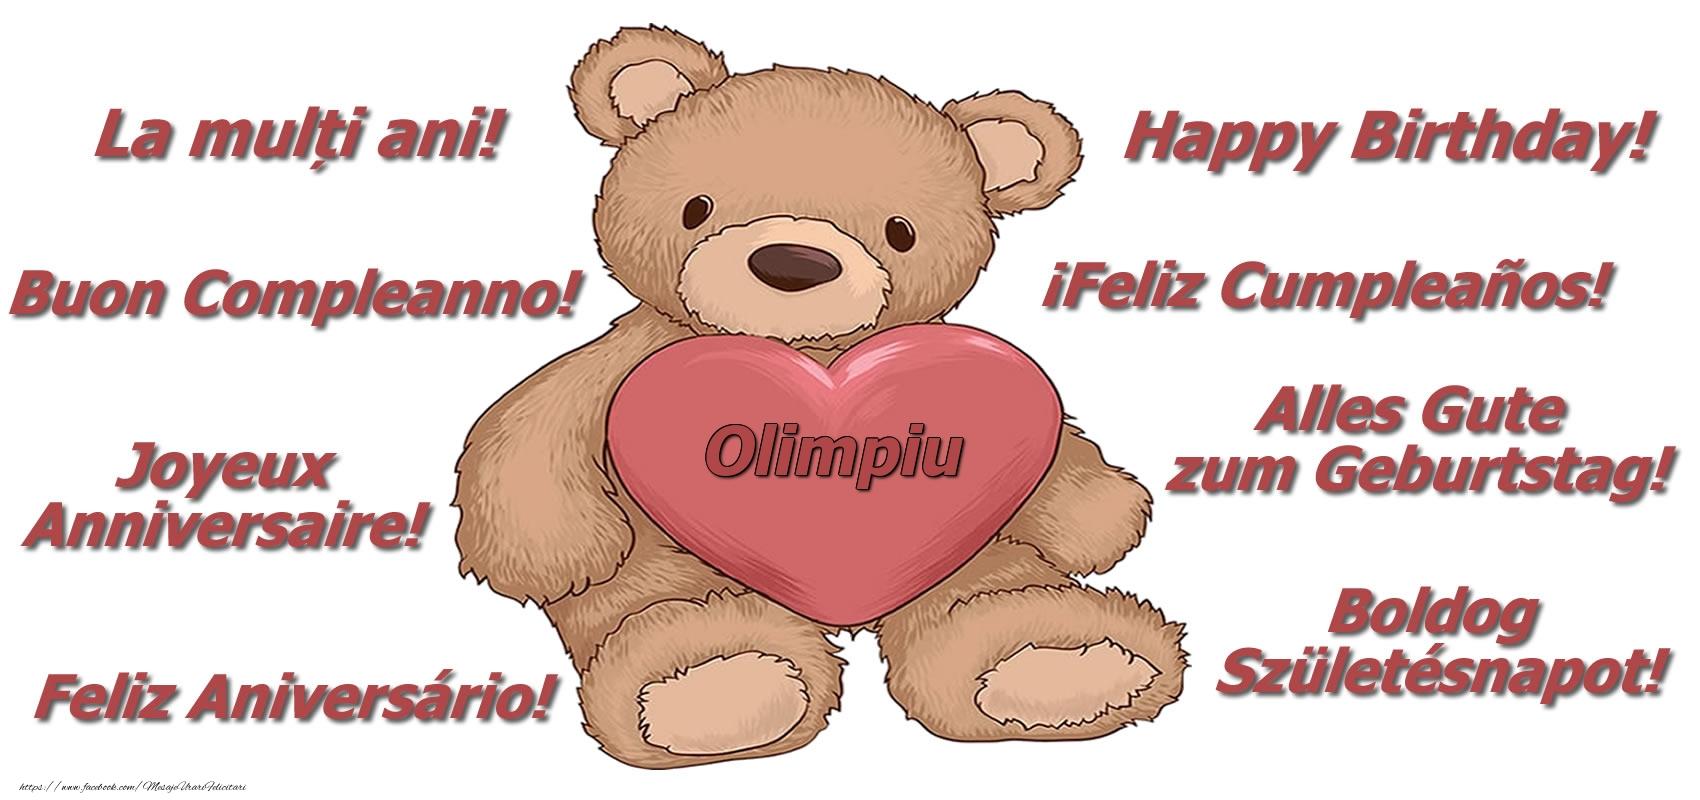 Felicitari de zi de nastere - La multi ani Olimpiu! - Ursulet